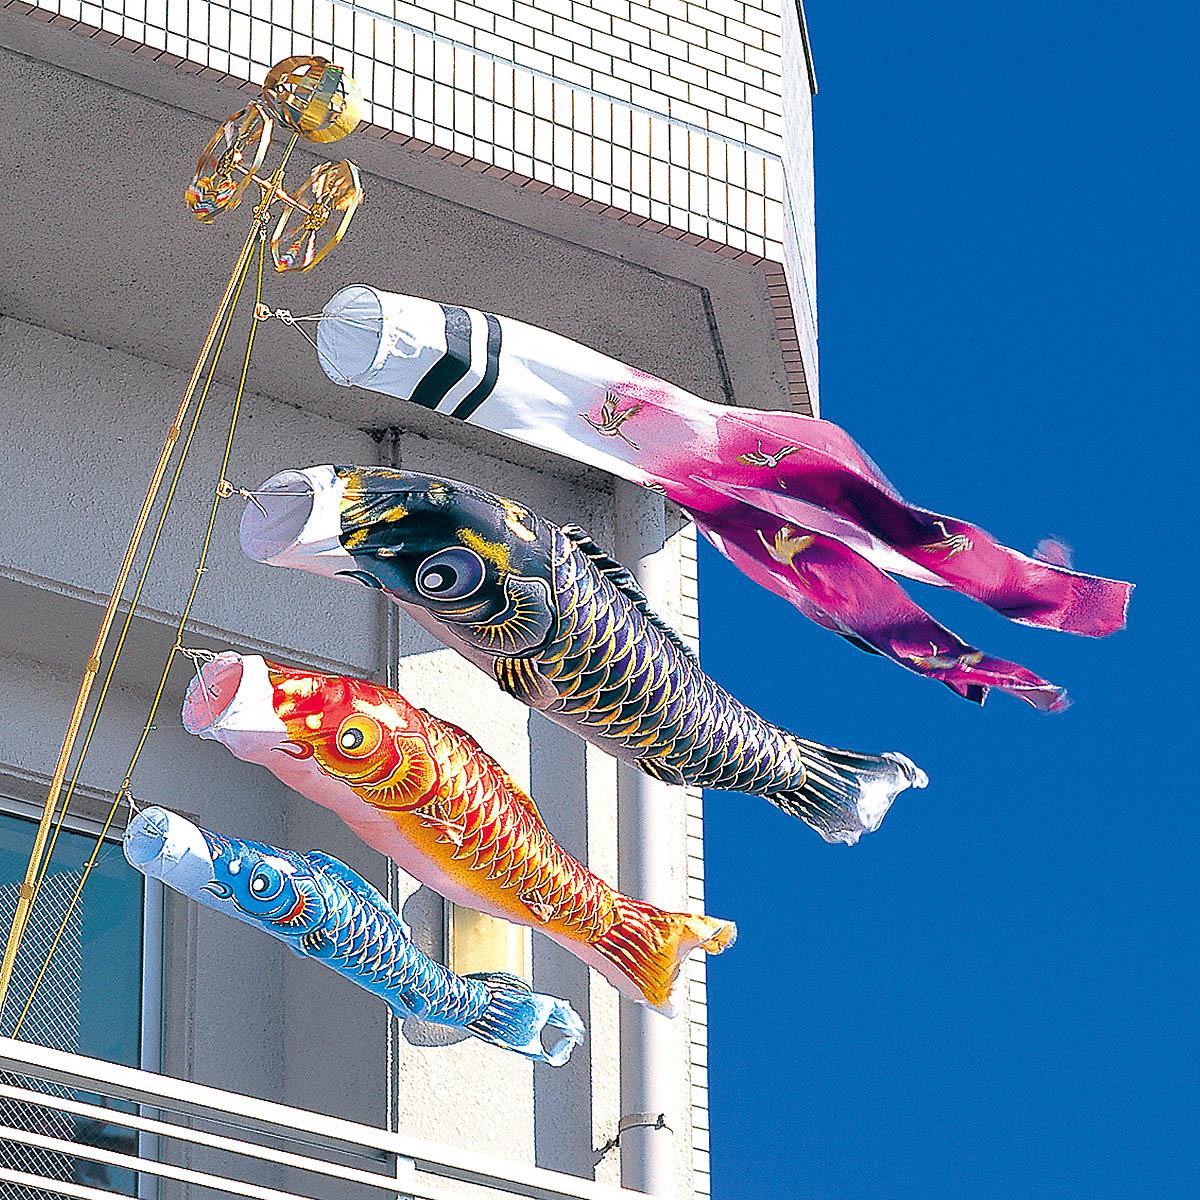 こいのぼり ベランダ用 空鯉 1.5m 6点 (矢車、ロープ、吹流し、鯉3匹) NDWベランダスタンドセット ダイヤ鯉 KOD-NDW-734297